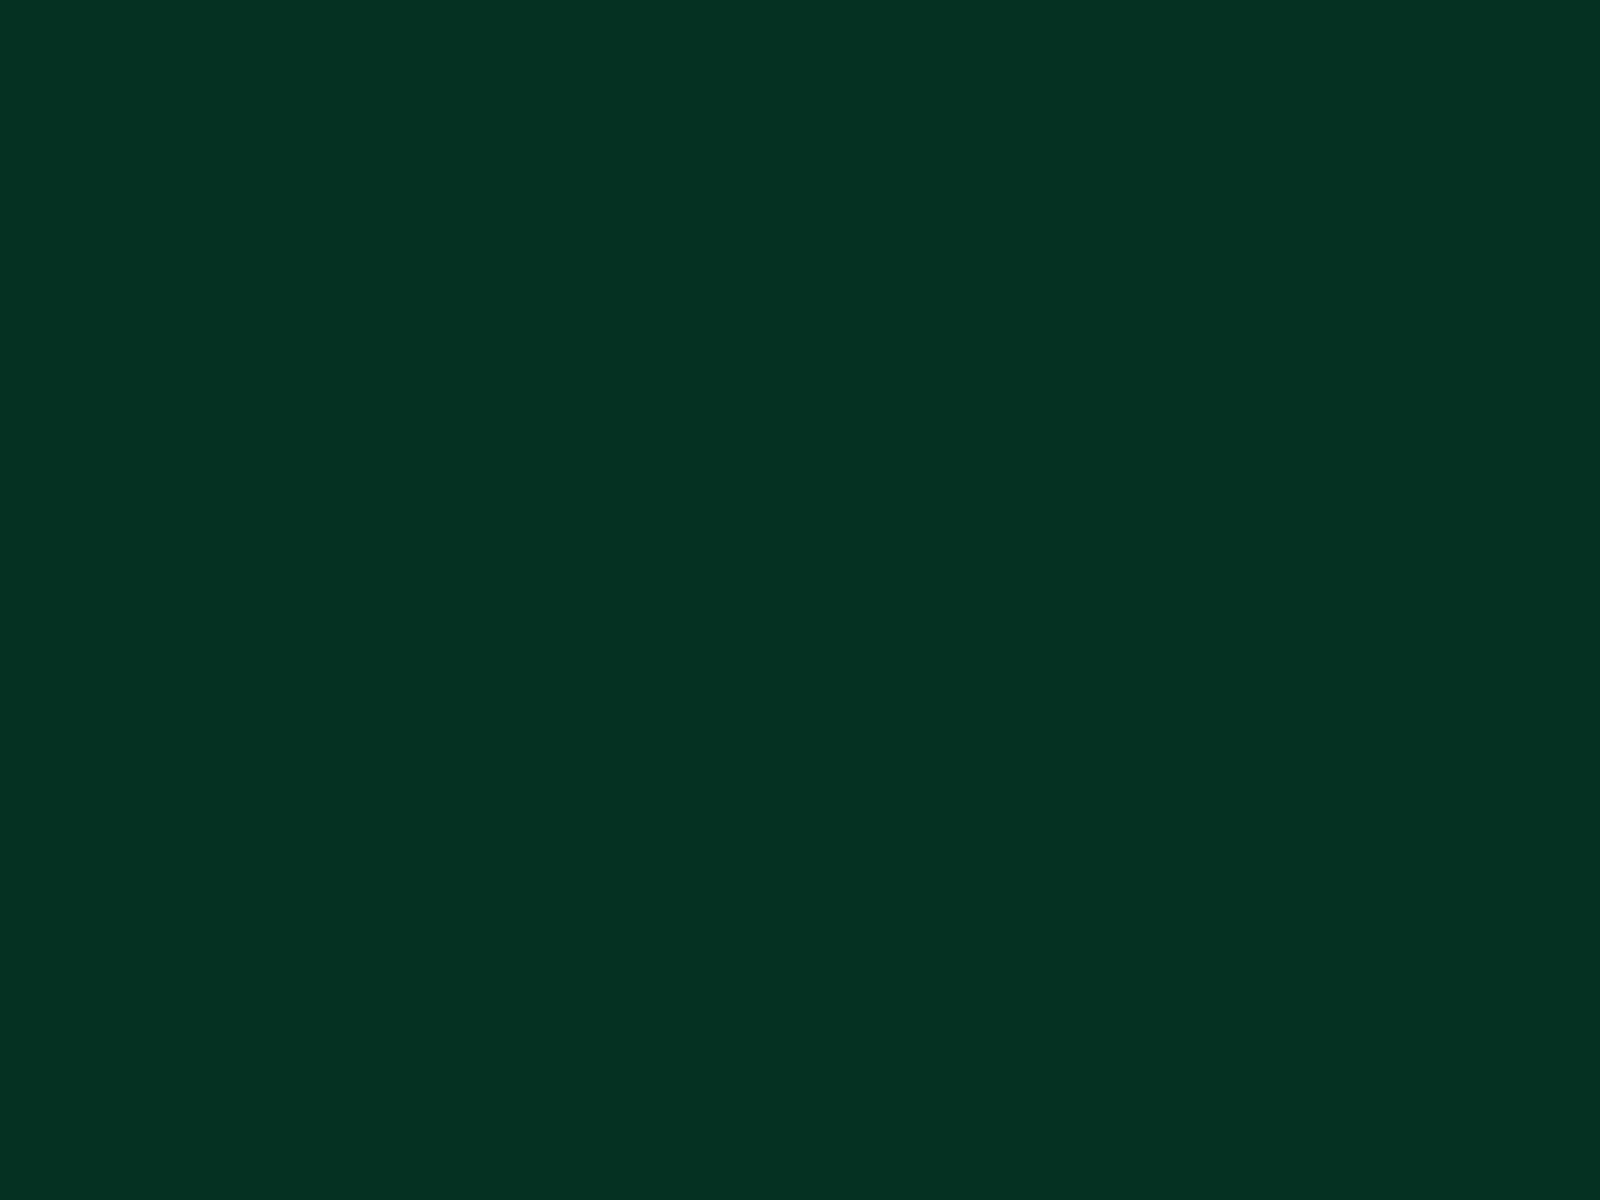 Cool Dark Green Wallpapers - WallpaperSafari